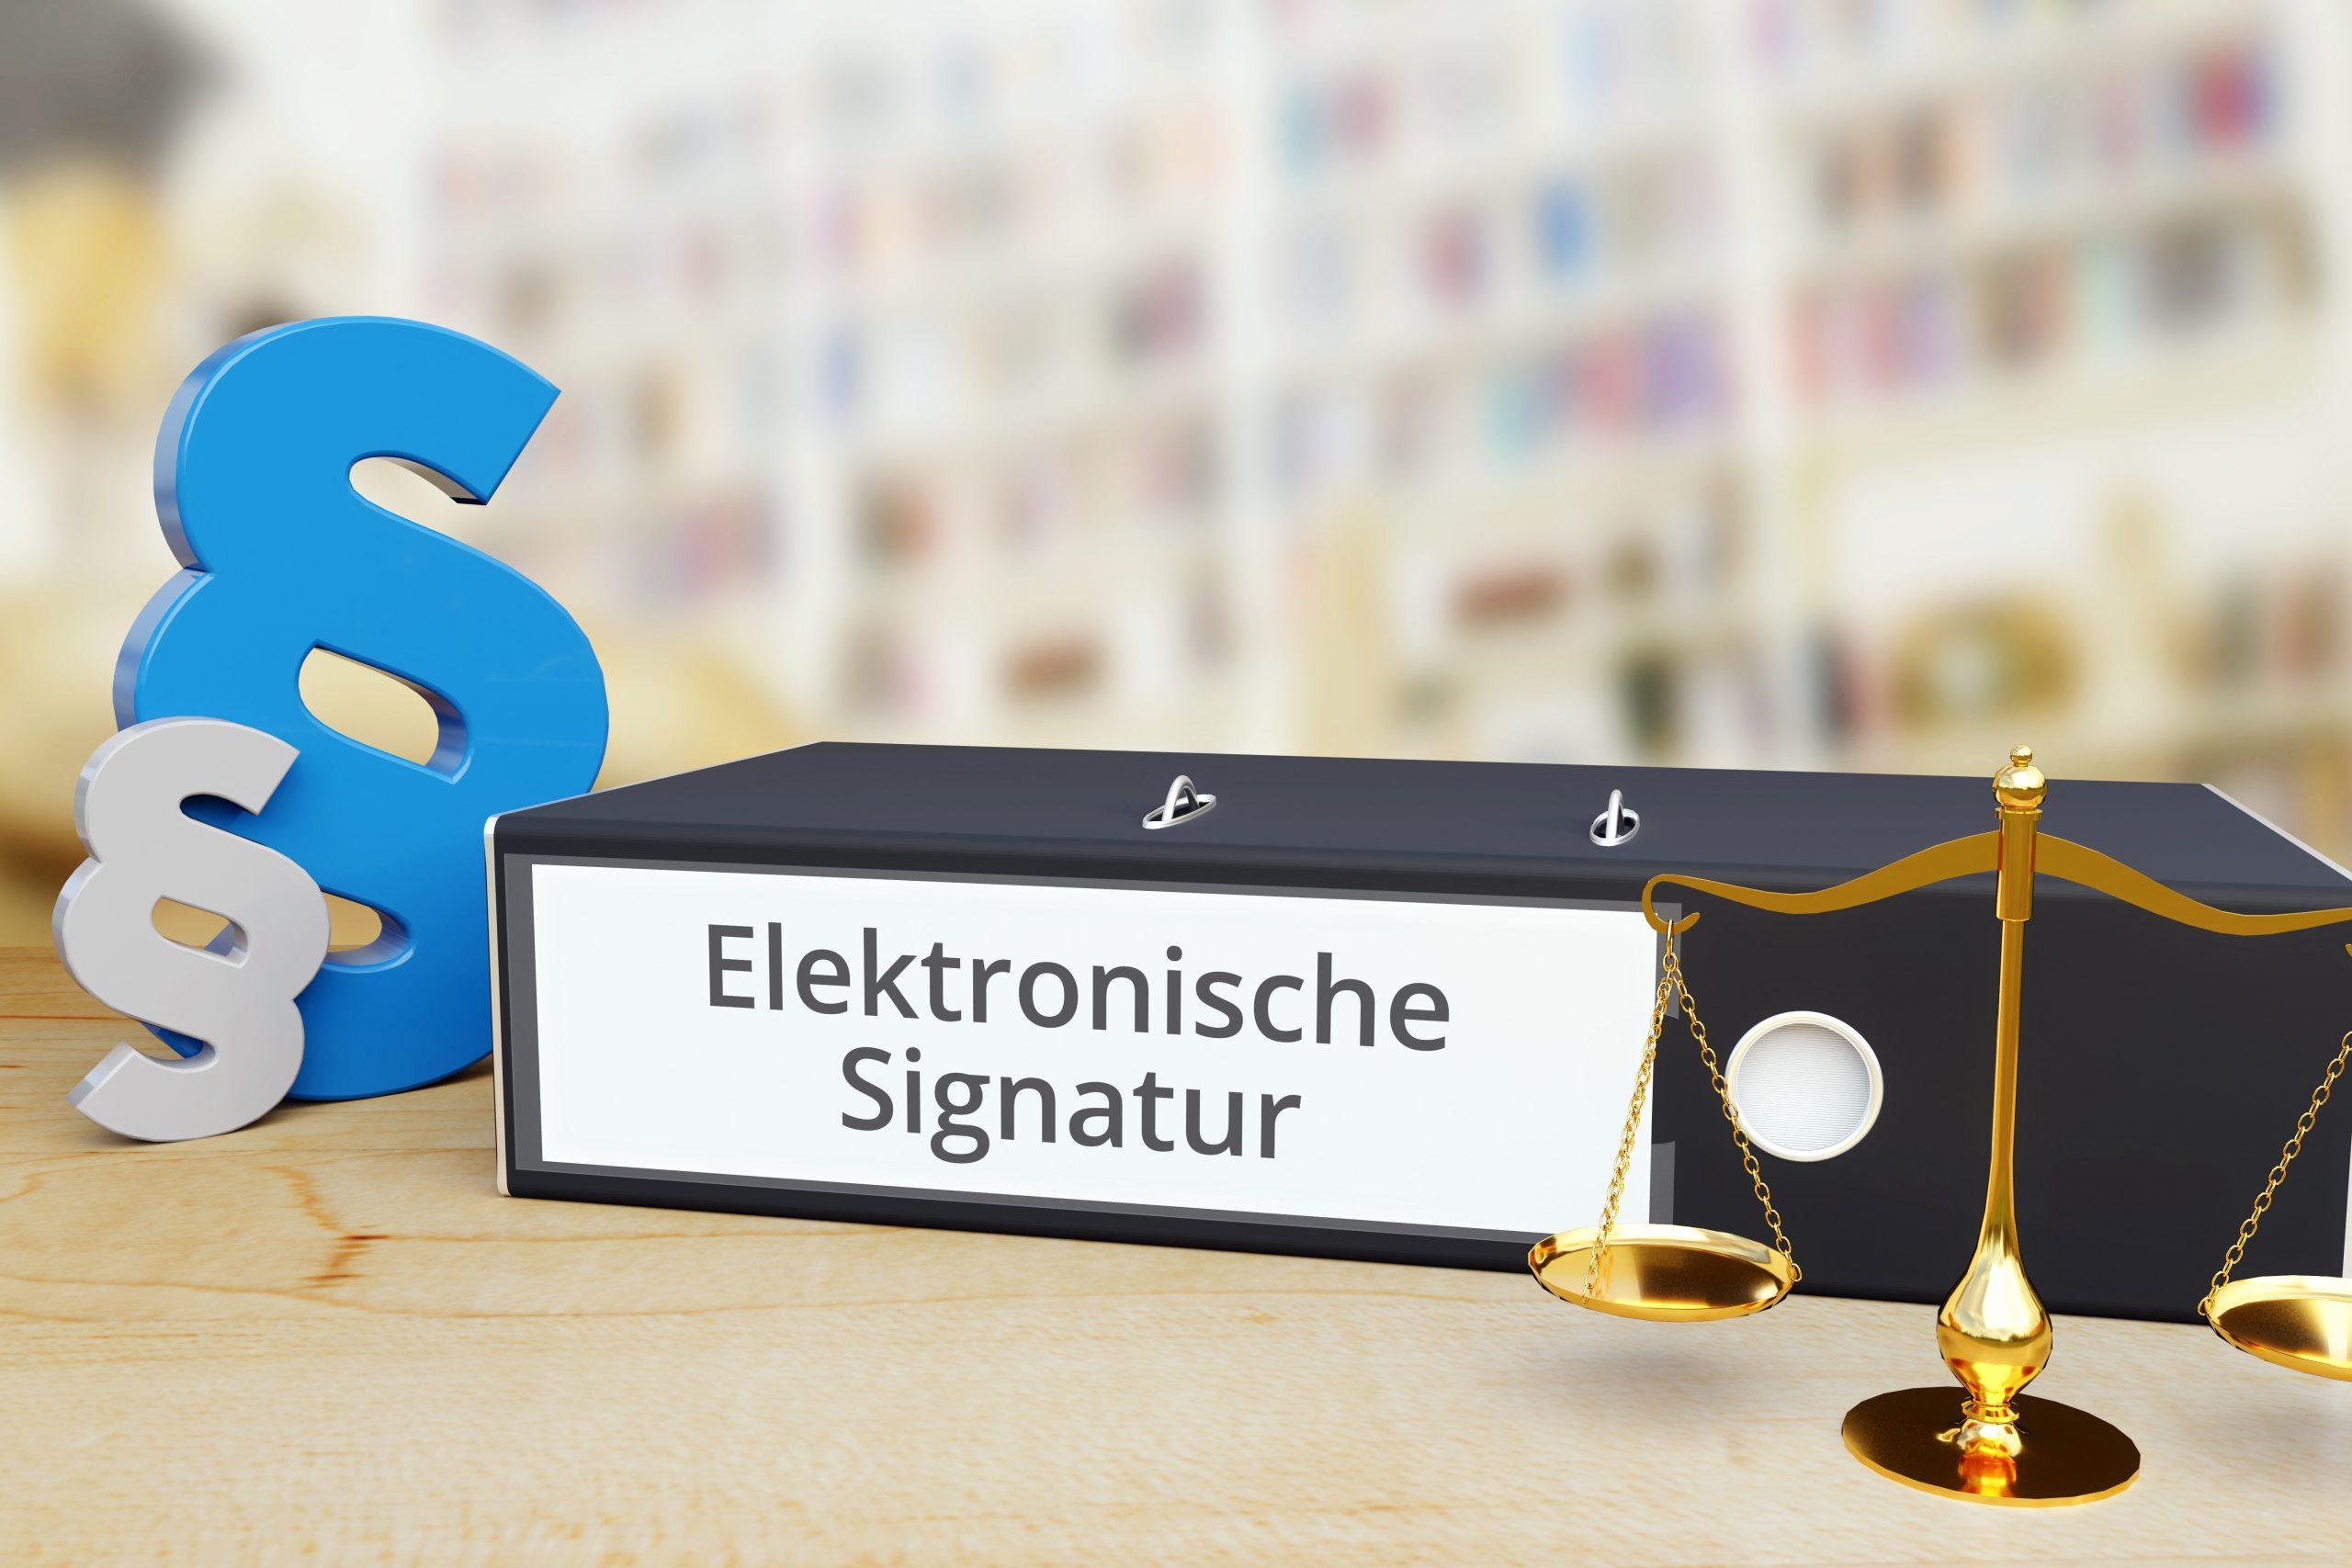 Beglaubigte Übersetzungen Türkisch>Deutsch als rechtsgütliges E-Dokument mittels qualifizierter elektronischer Signatur